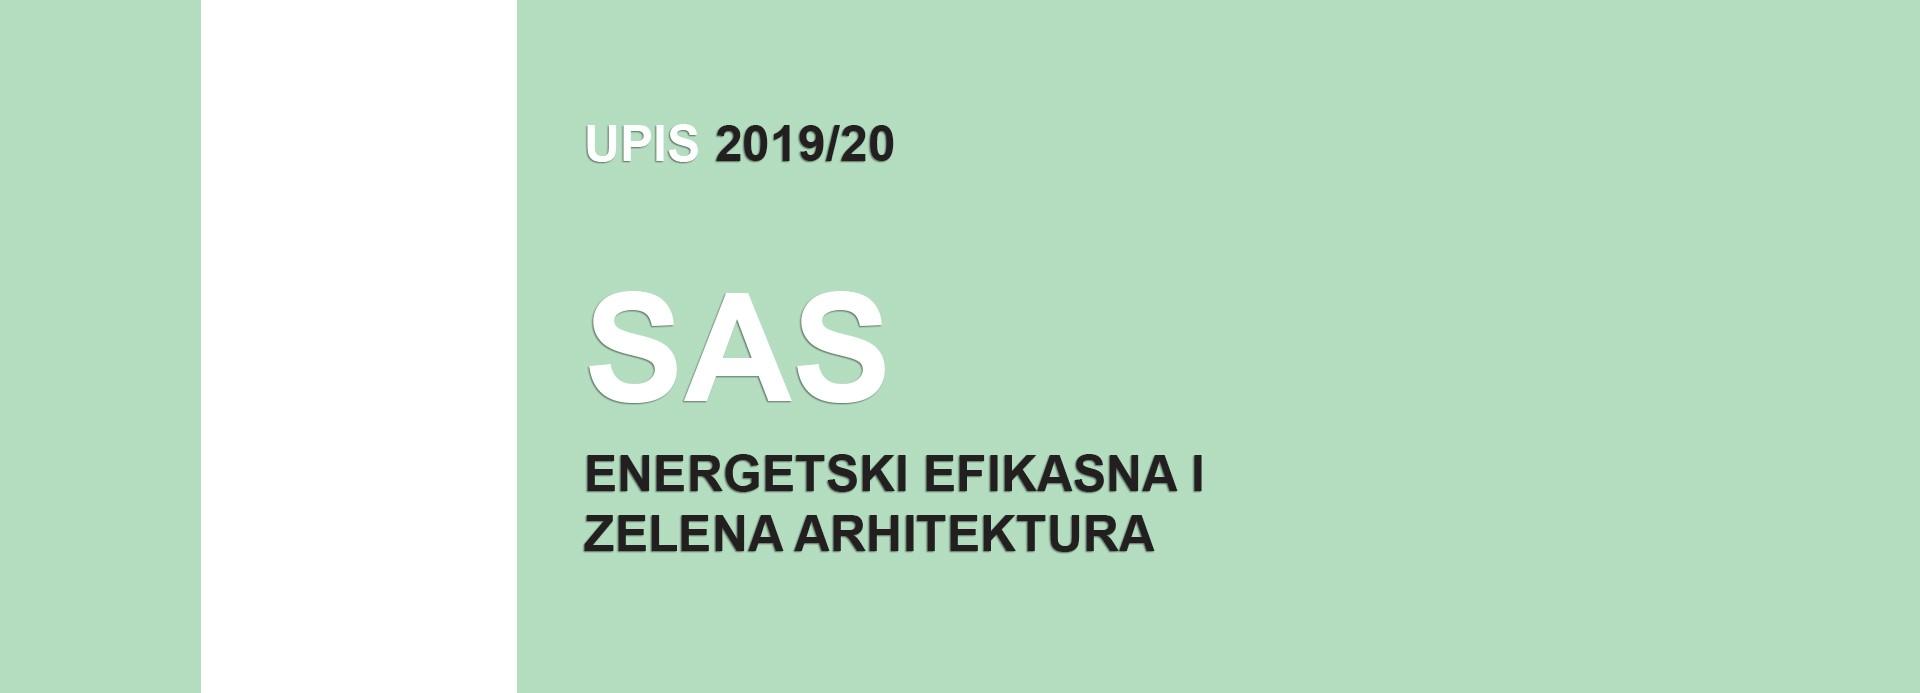 Упис на Специјалистичке академске студије 2019/20 – Енергетски ефикасна и зелена архитектура 2019/20